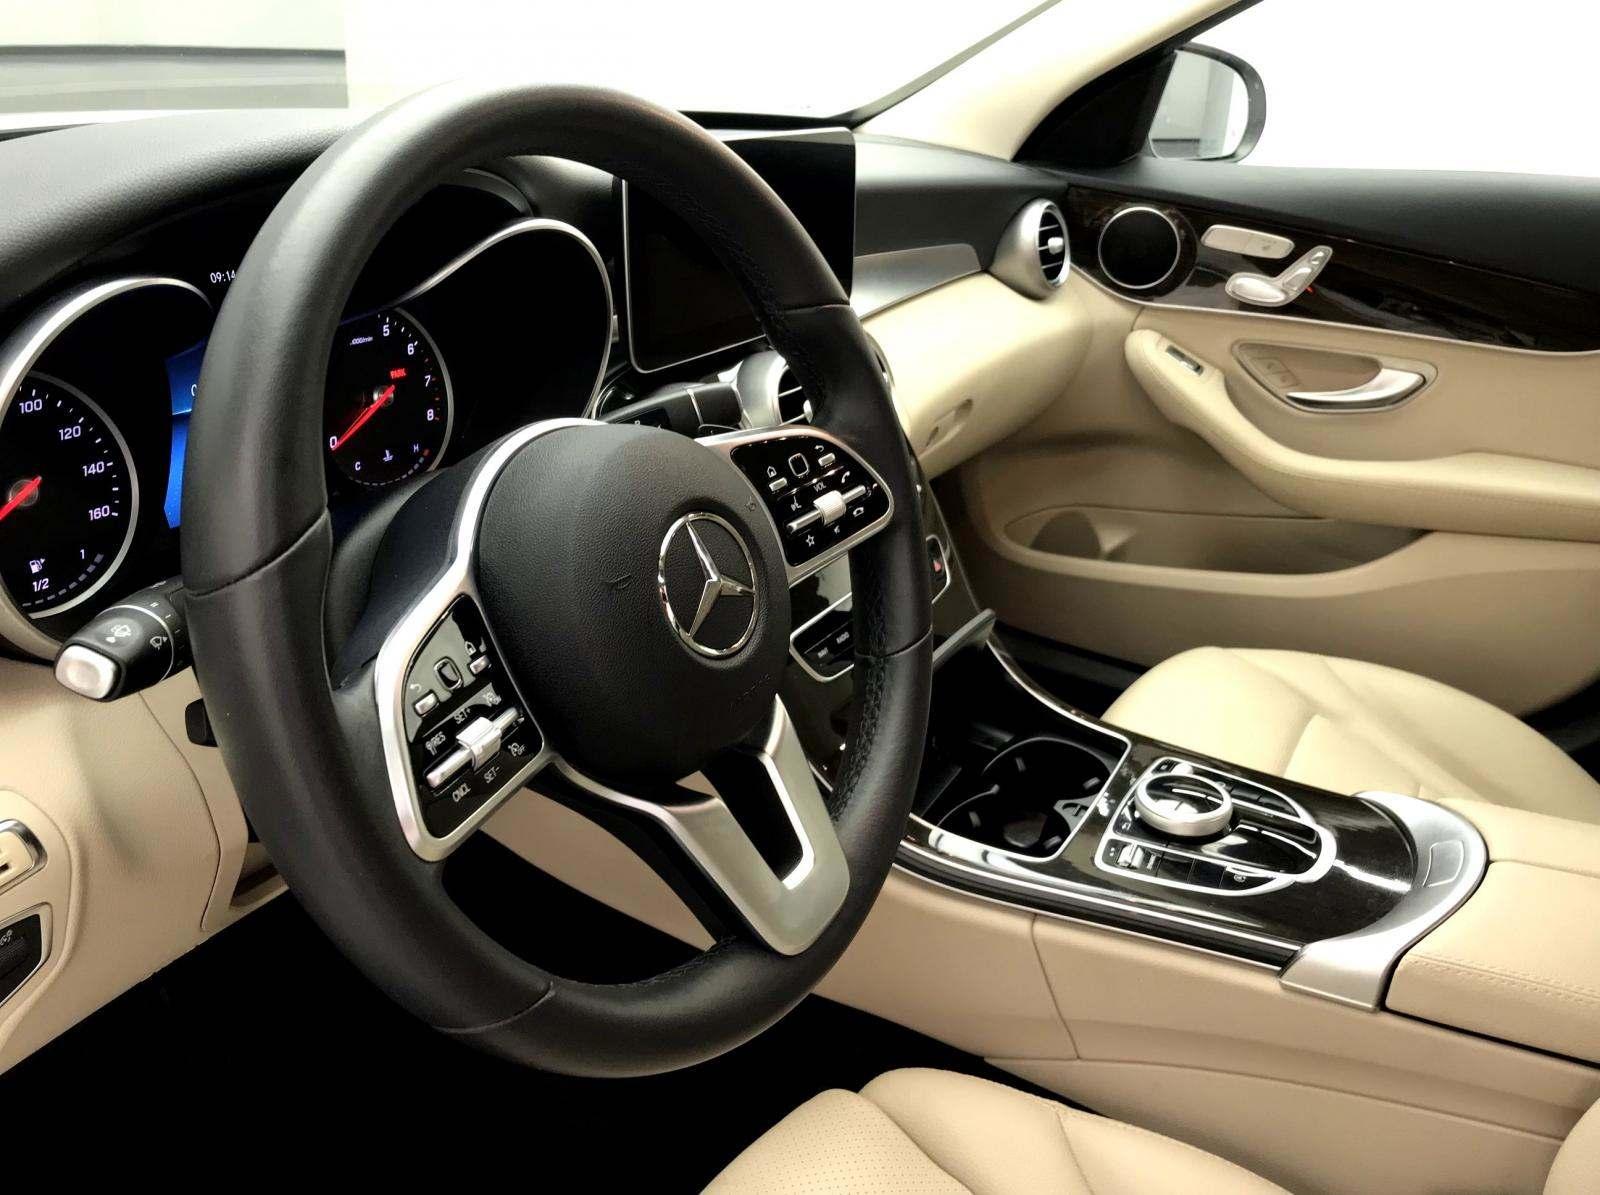 used Mercedes-Benz C-Class 2019 vin: 55SWF8DB5KU286630